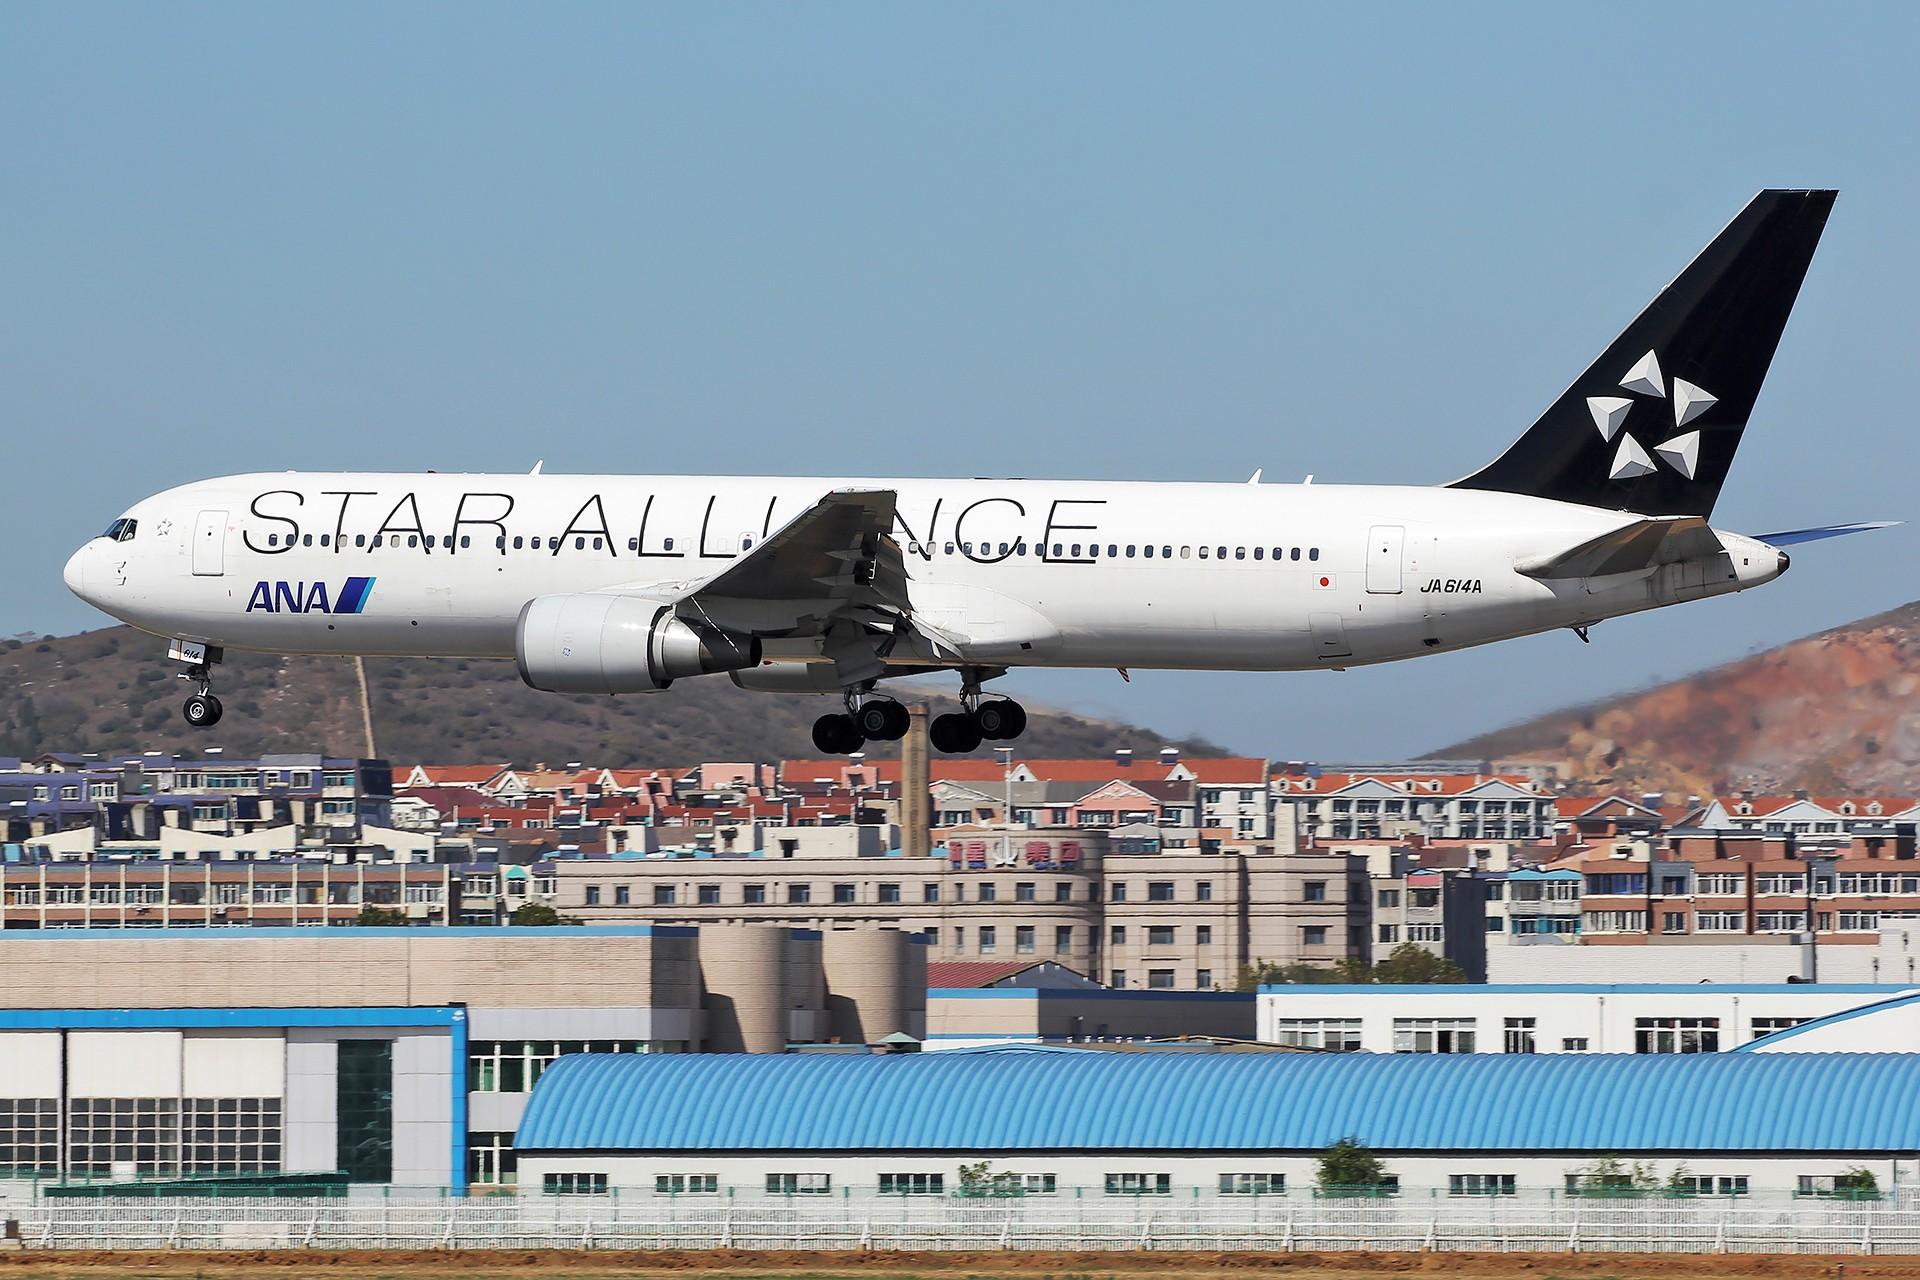 Re:[原创][DLC]。。。三架飞机两个联盟 。。。 BOEING 767-300ER JA614A 中国大连国际机场